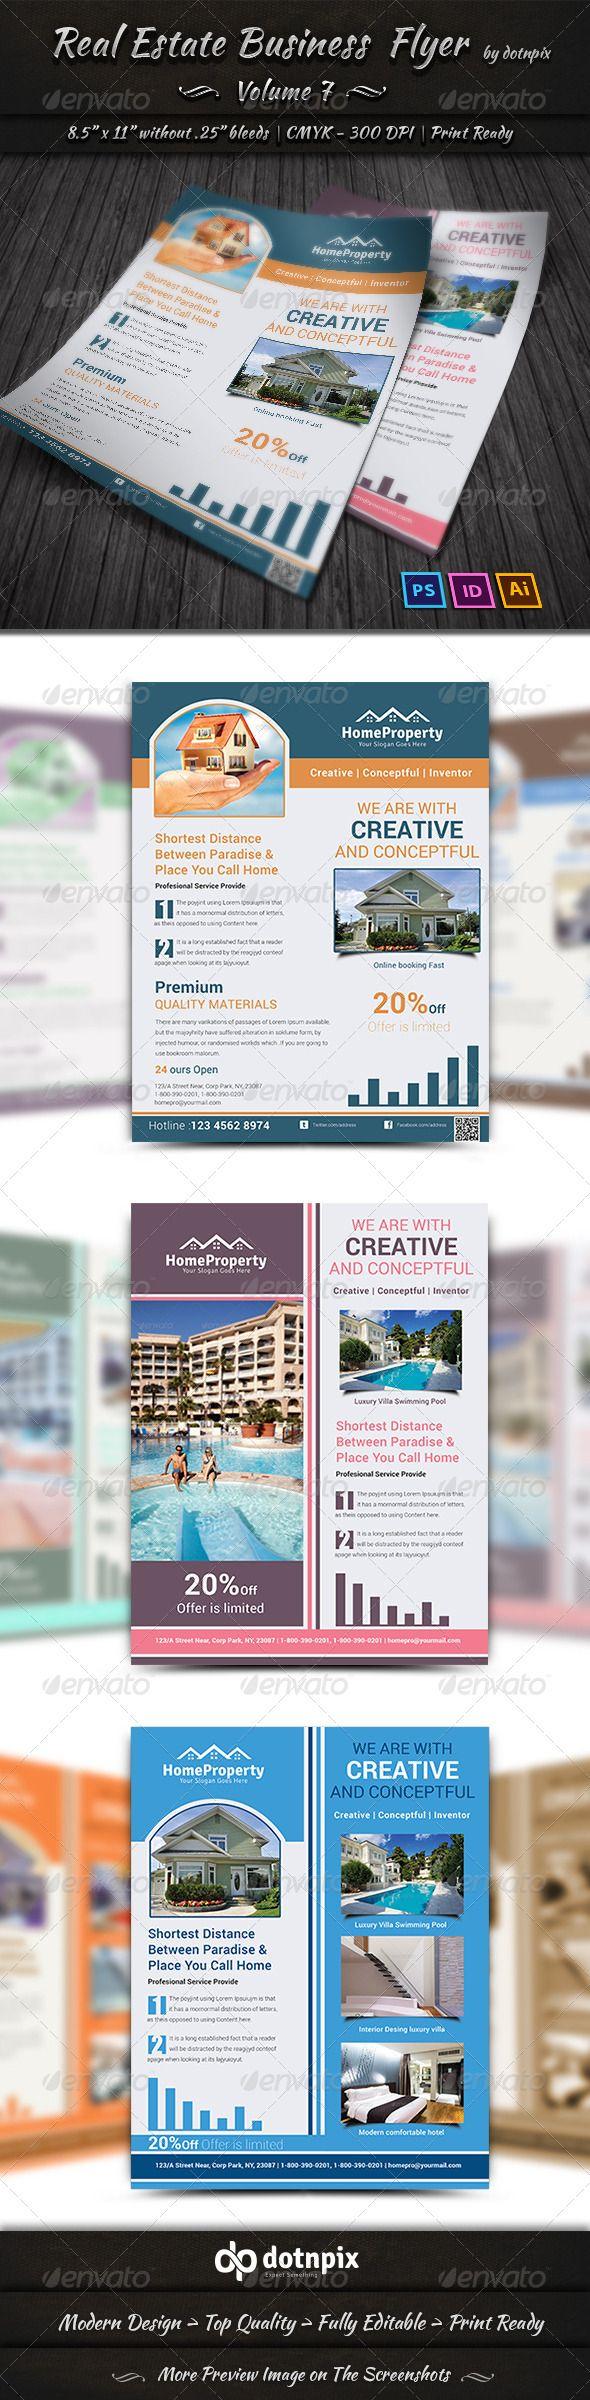 Real Estate Business  Flyer   Volume 7